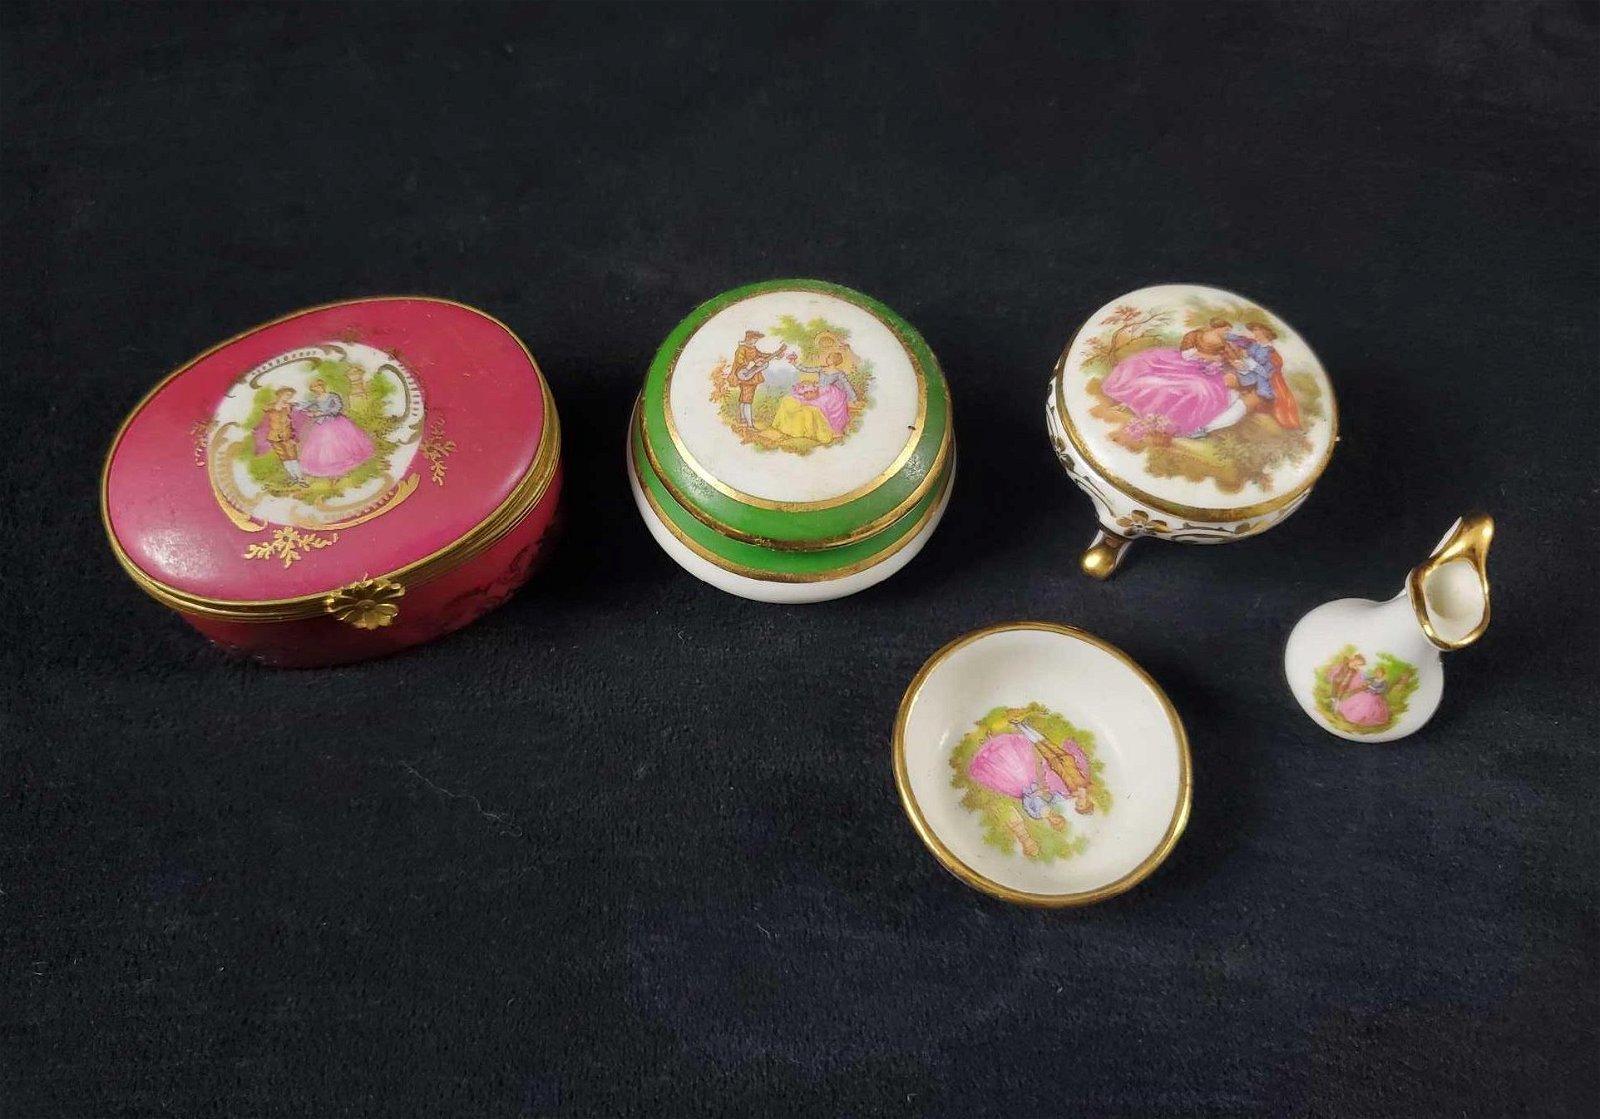 5 Piece Porcelain Limoges France Renaissance Lot